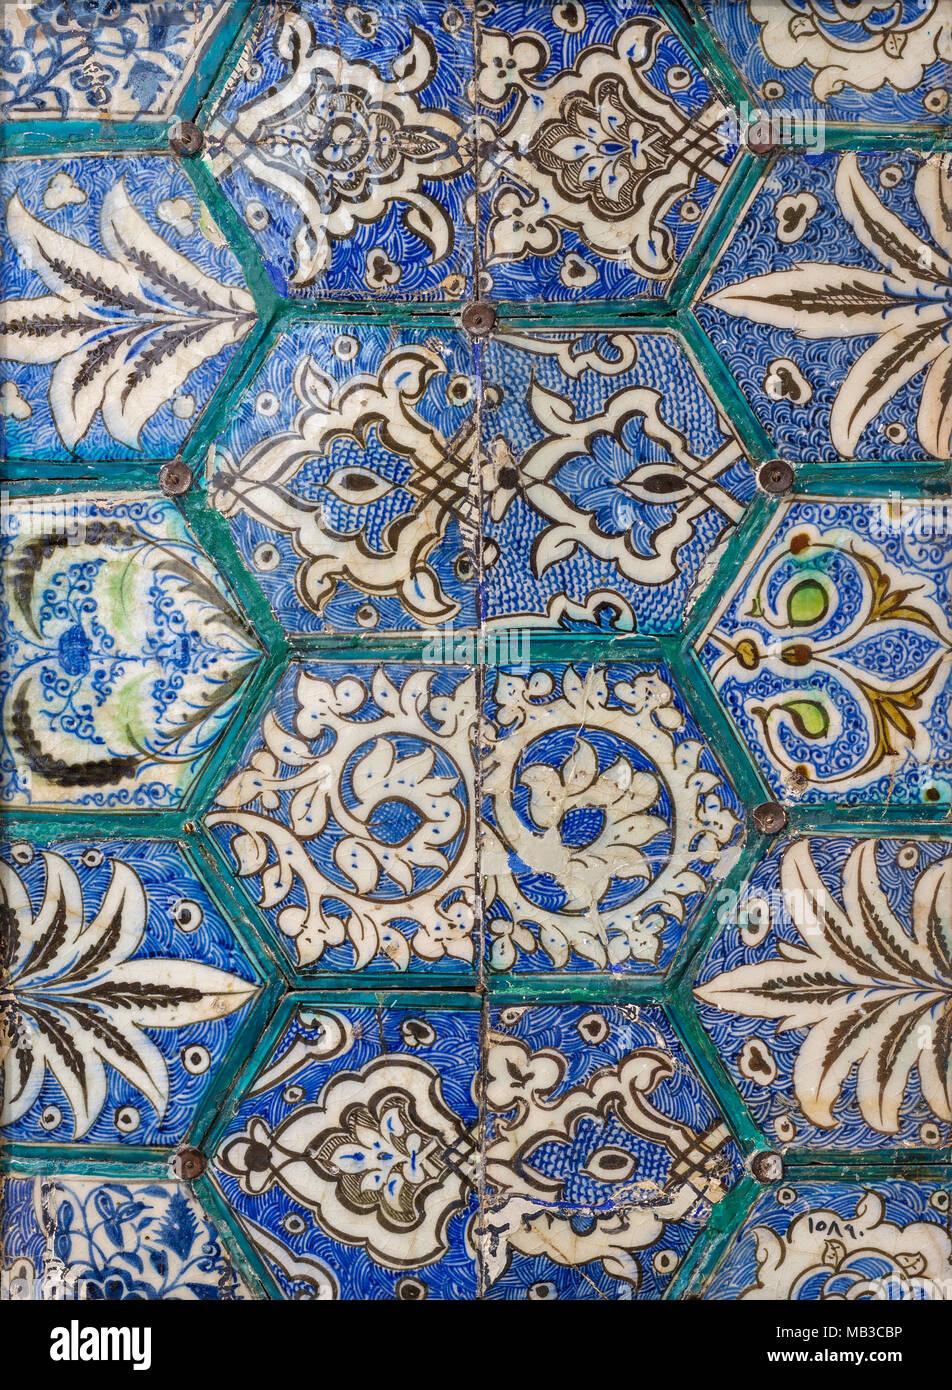 Mamluk Era Style Glazed Ceramic Tiles Decorated With Floral